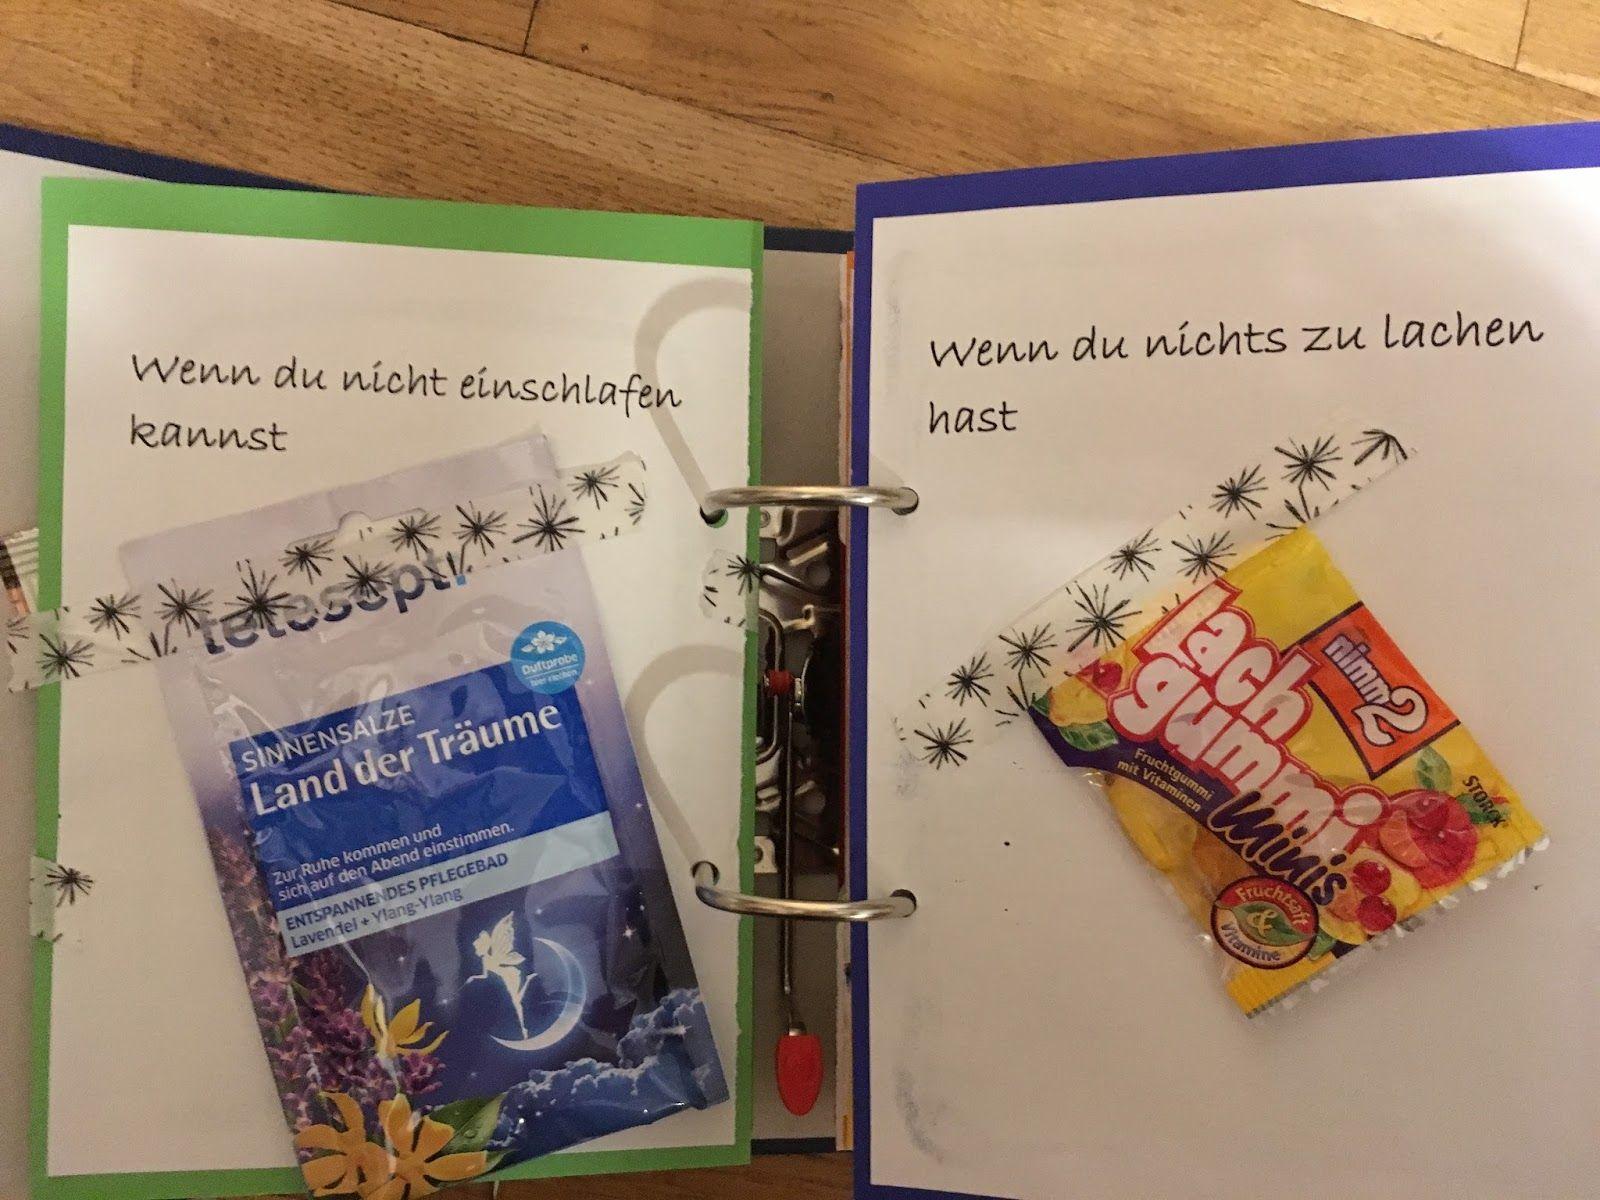 Wenn Buch Teil 2 - Eine Geschenkidee   Geburtstag Geschenke mit Vatertag Geschenkideen Zum Selber Machen